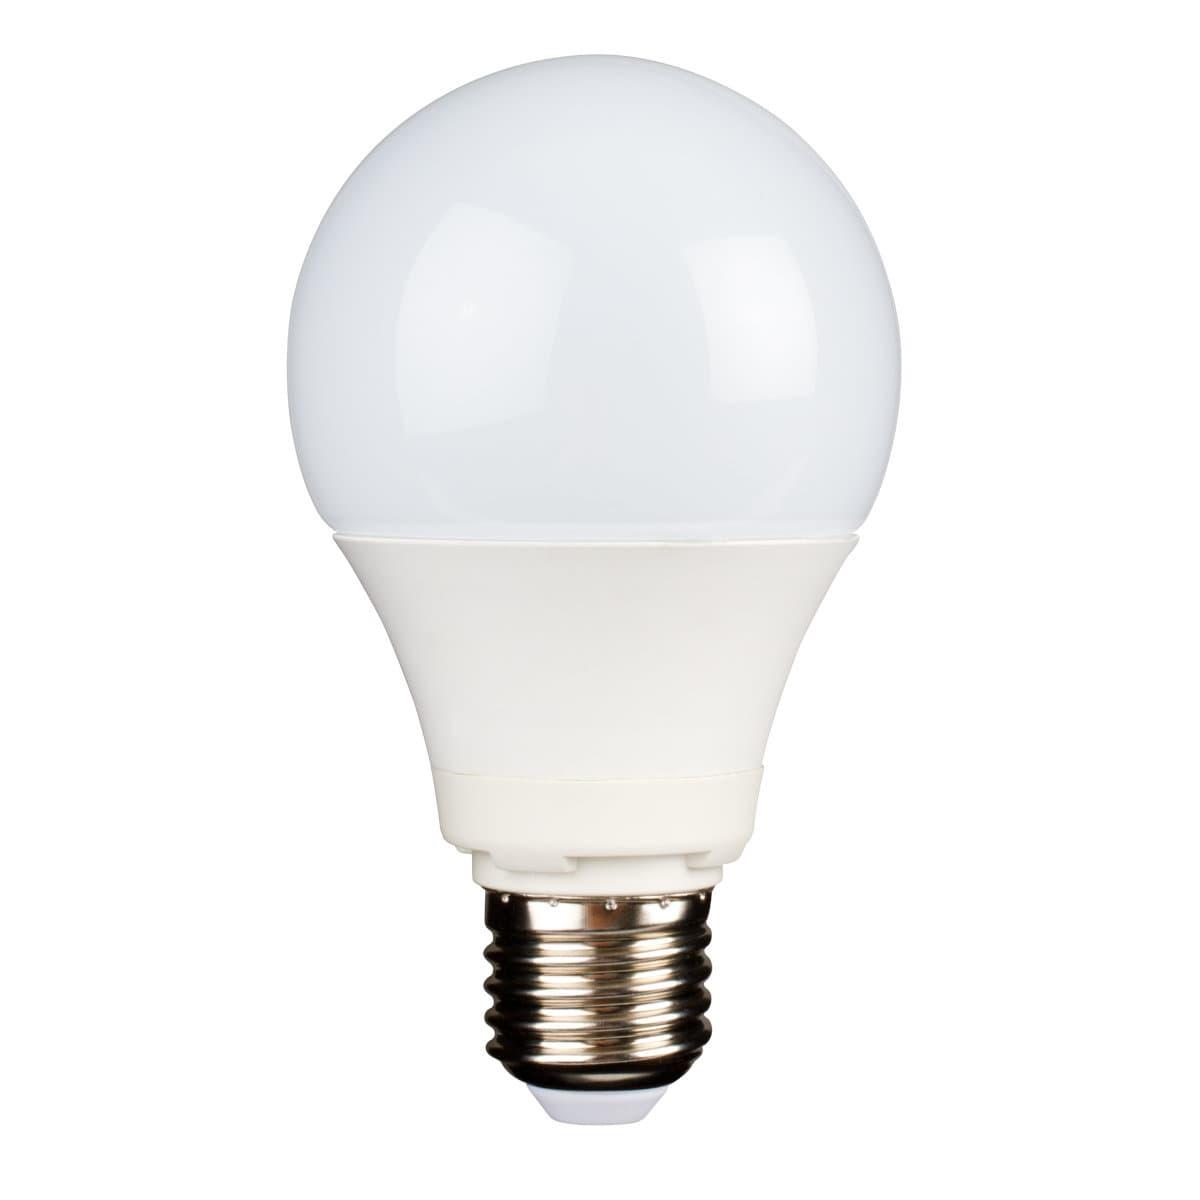 M Classic LED A69 E27 9.5W 806lm